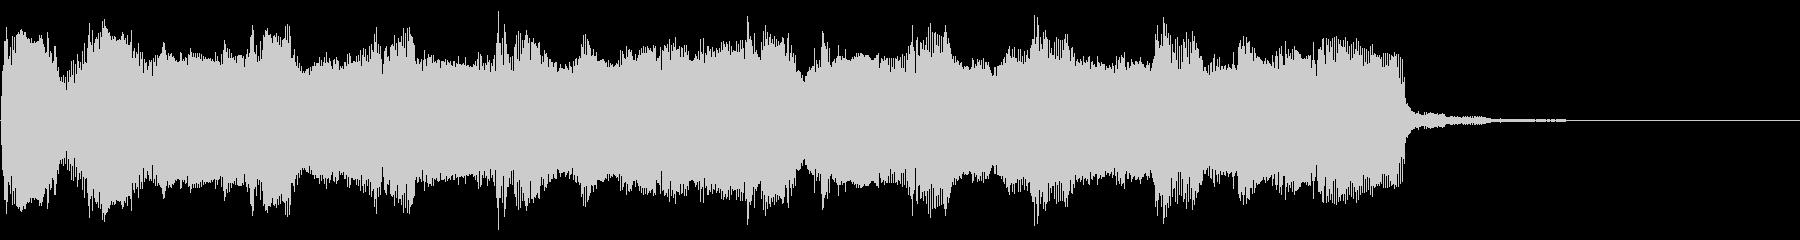 場面転換 エレキギター(ジャジャジャ―)の未再生の波形